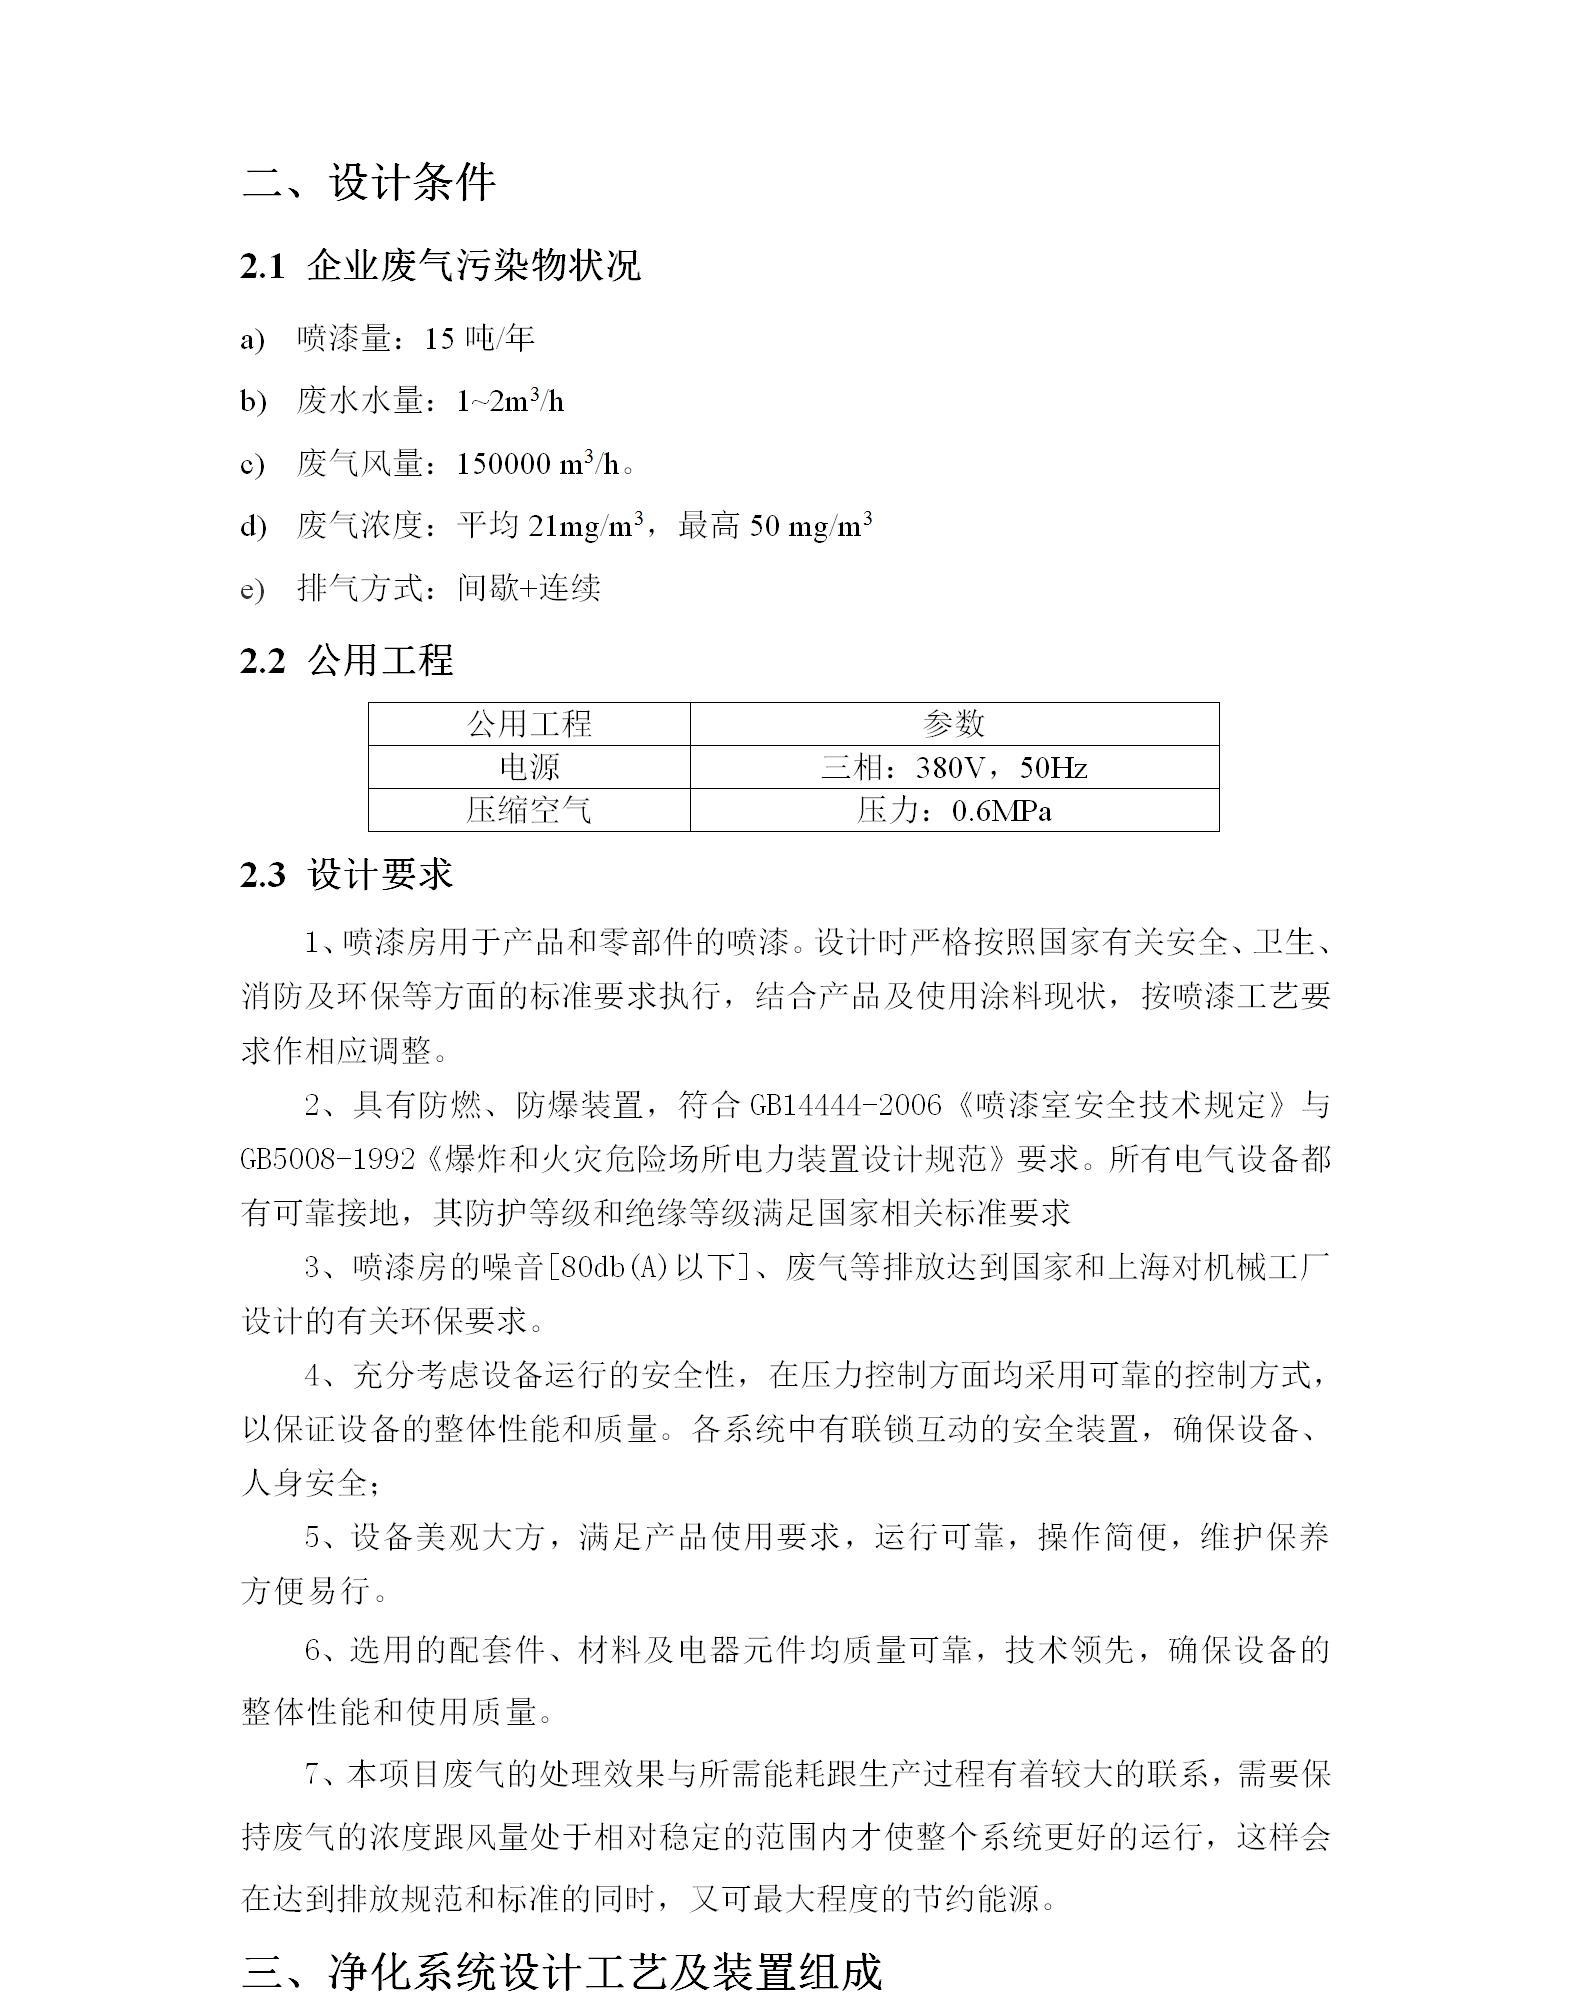 投标技术文件(翻译用) - 上海申榕环保标书翻译项目